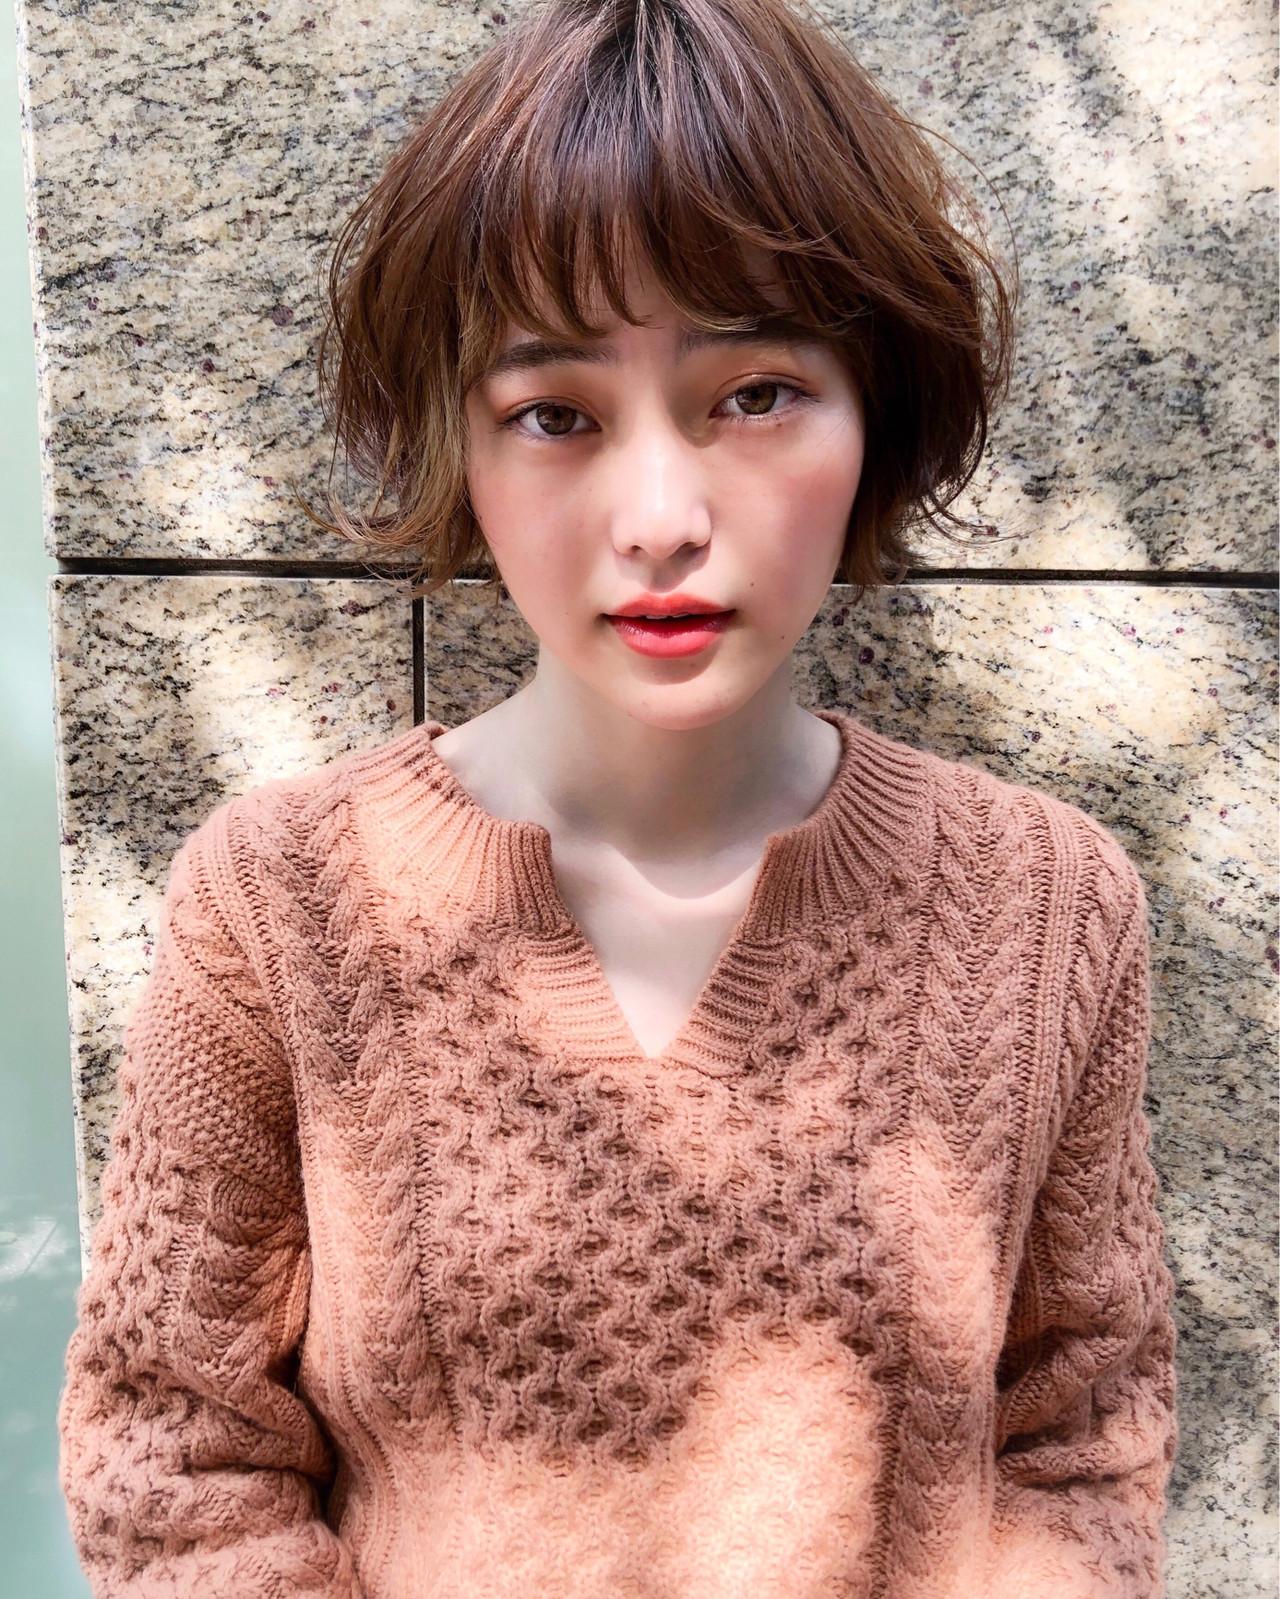 無造作パーマ ゆるふわパーマ デジタルパーマ ボブ ヘアスタイルや髪型の写真・画像